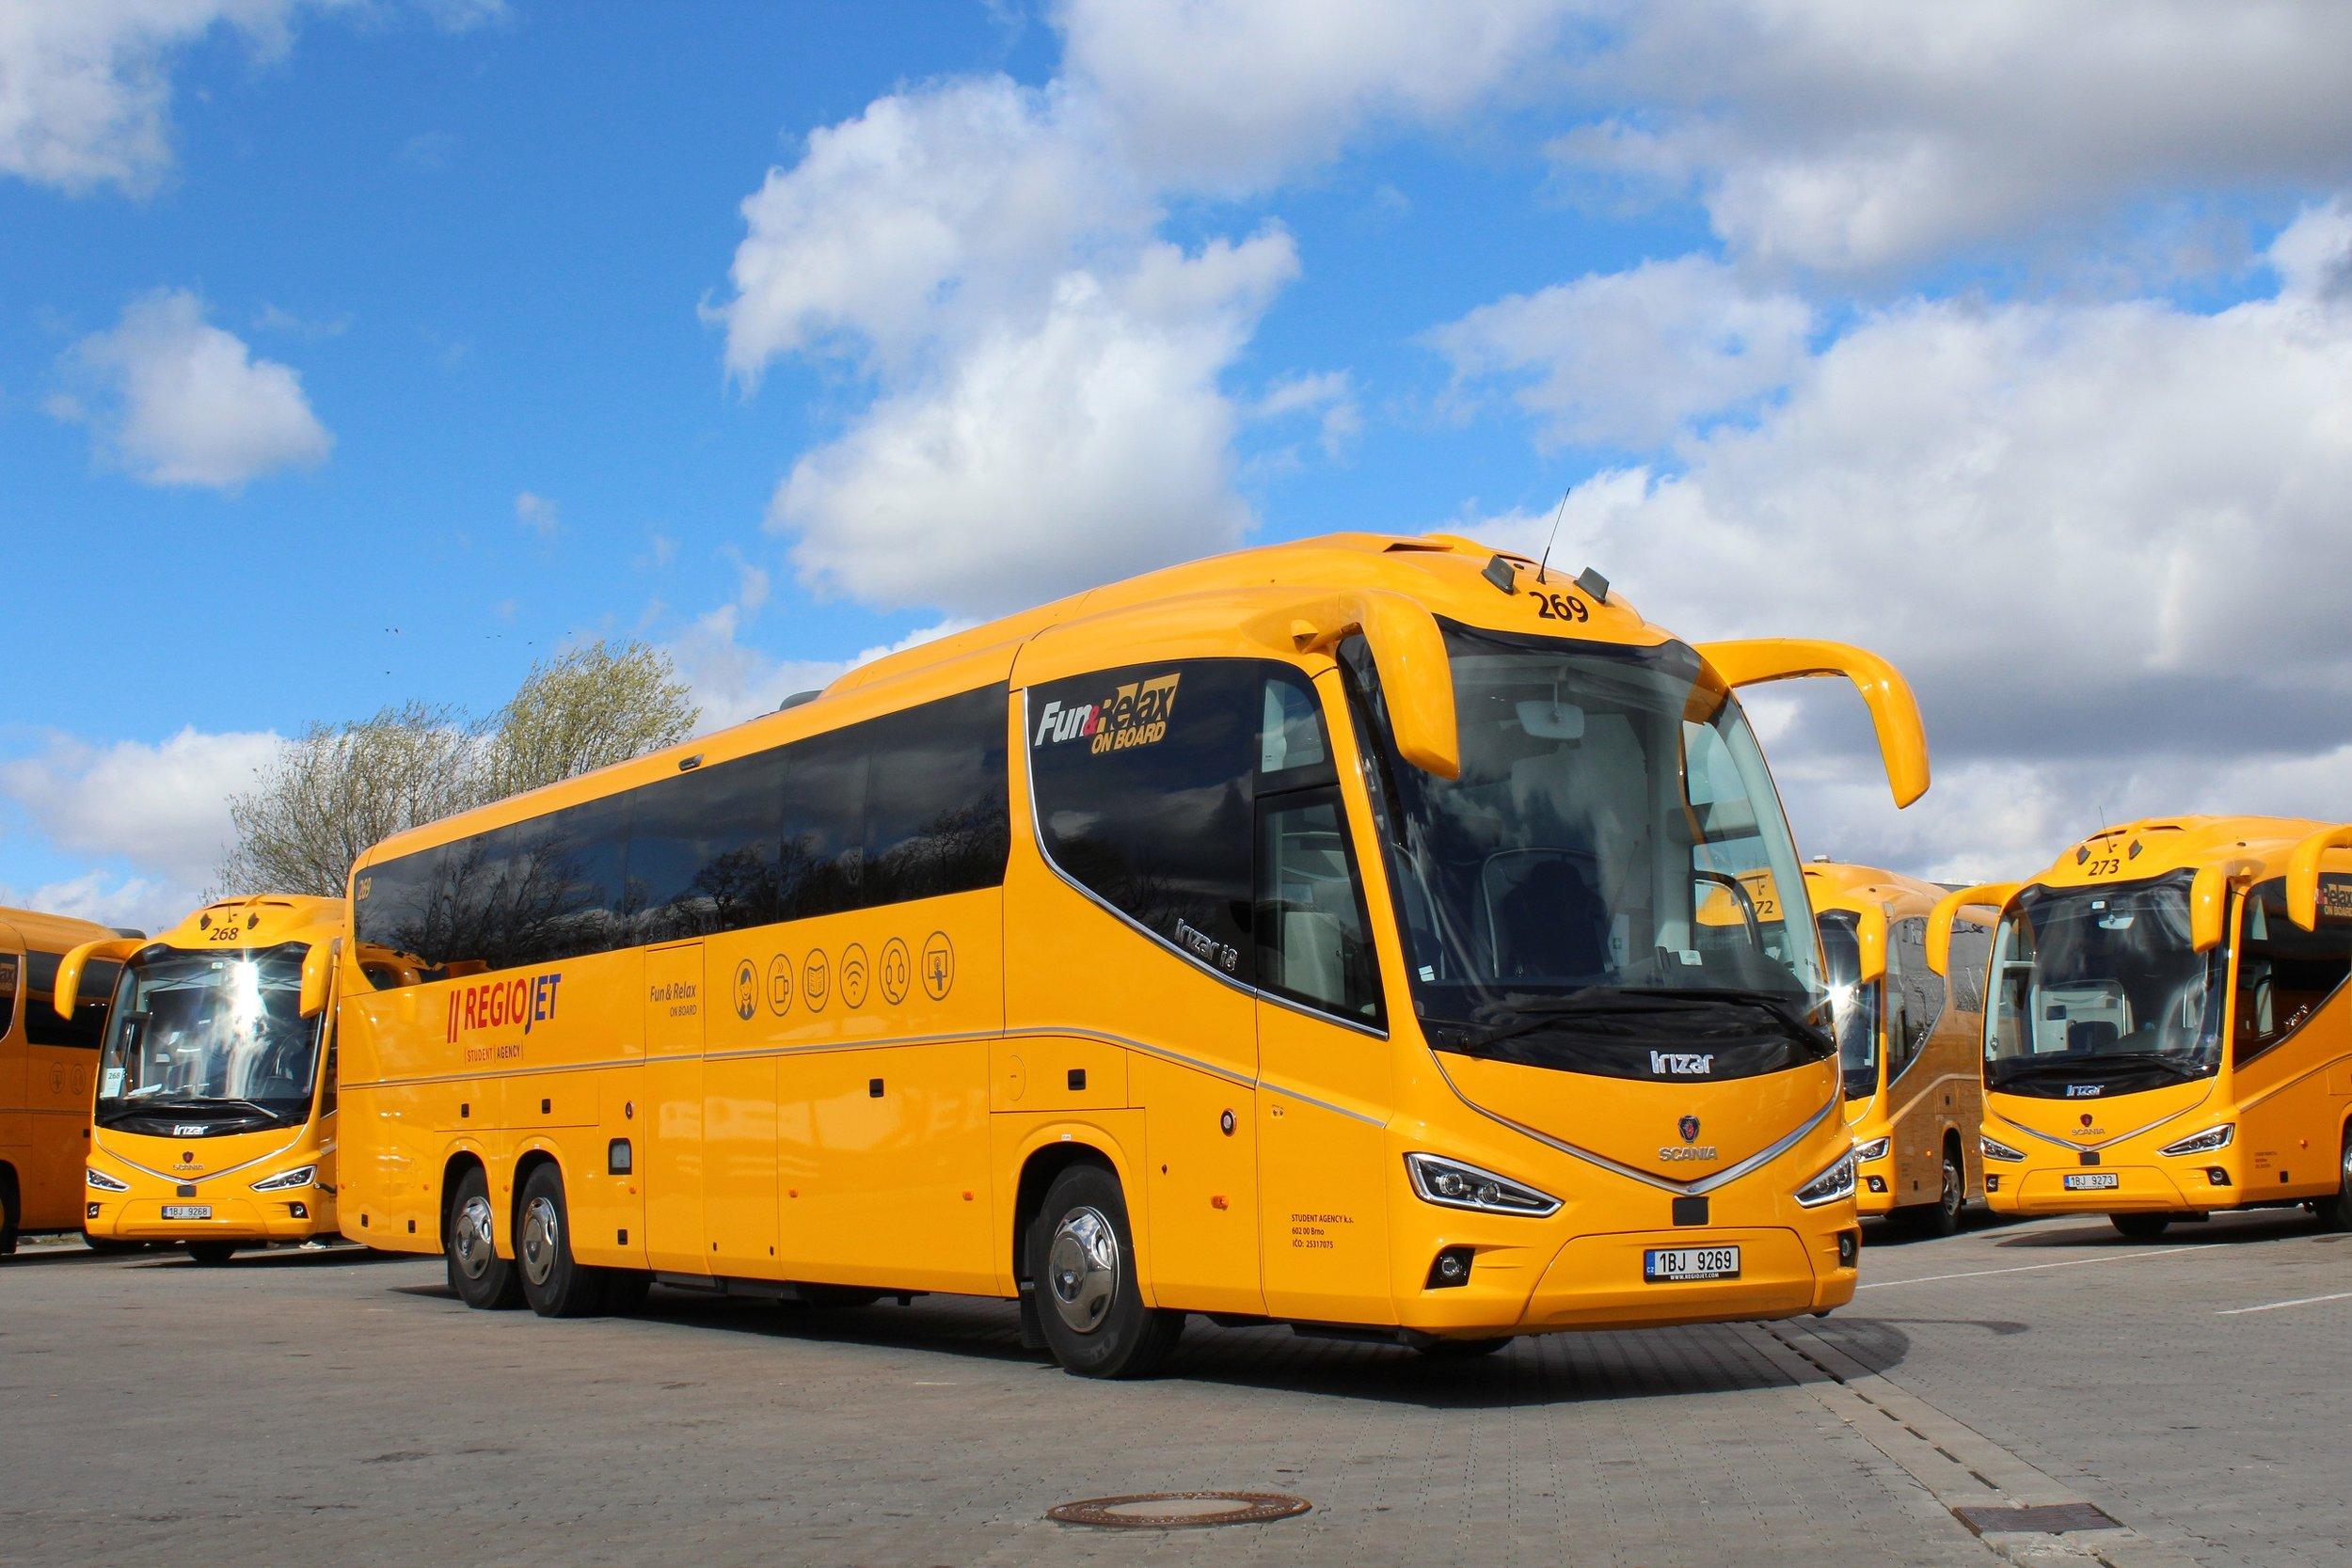 Flotila žltých autobusov RegioJet sa v tomto roku rozšírila o 45 Irizarov i8 najnovšej generácie.(foto: Martin Žarnovický, RegioJet)